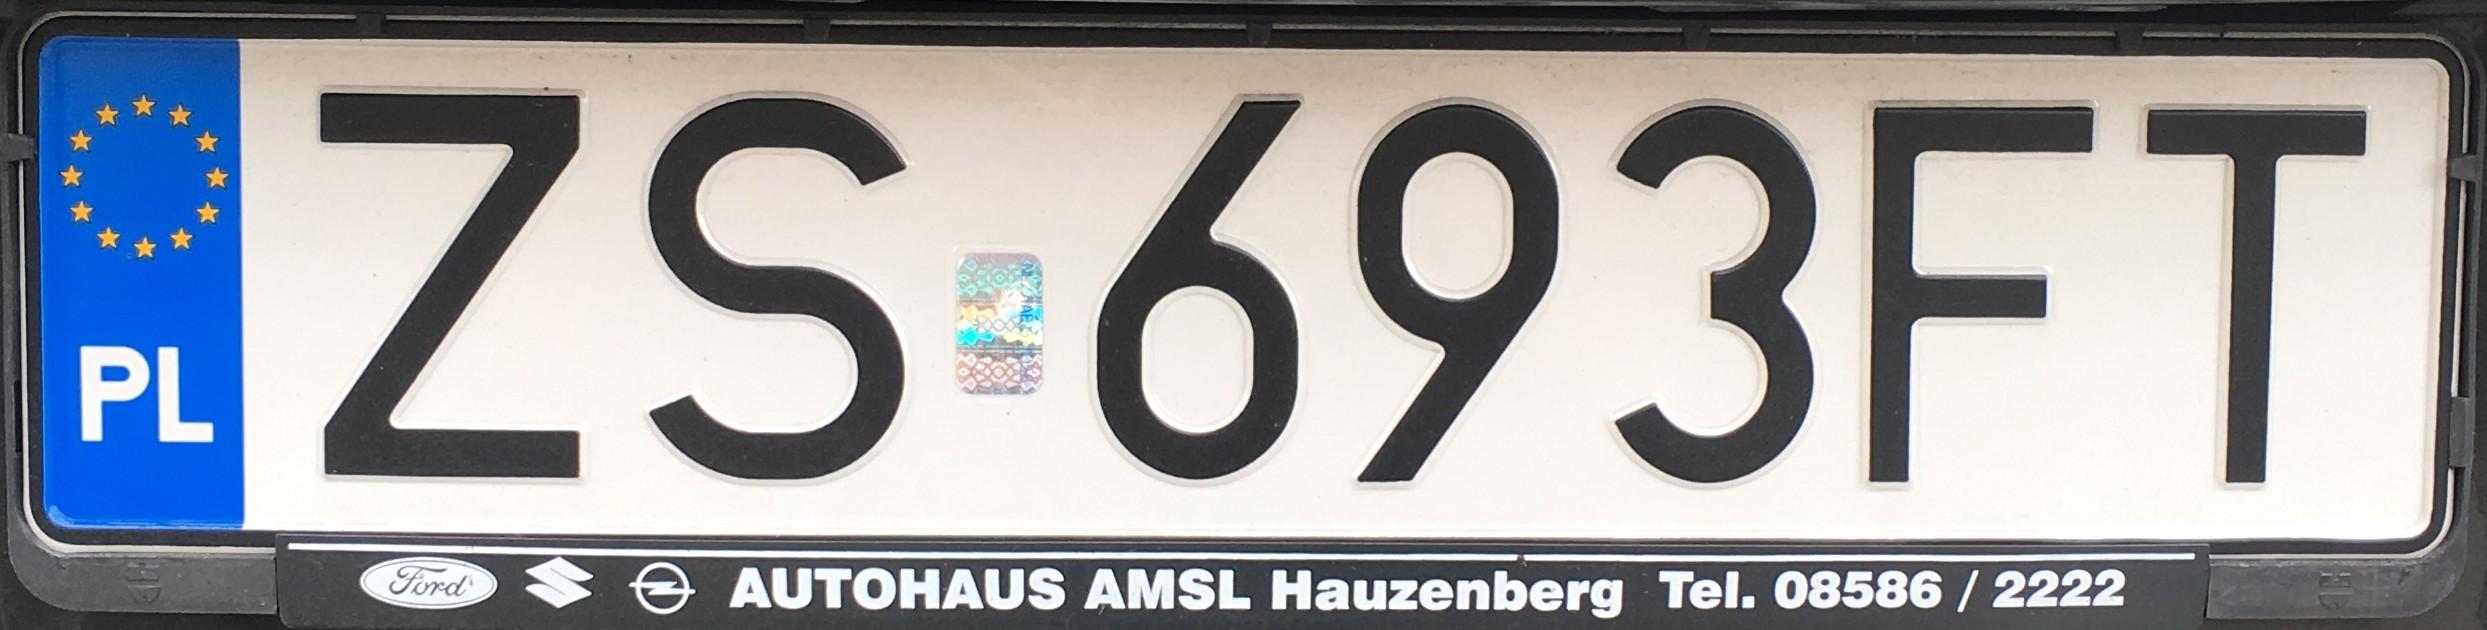 Registrační značka Polsko - ZS - Západopomořské vojvodství - Szczecin, foto: vlastní